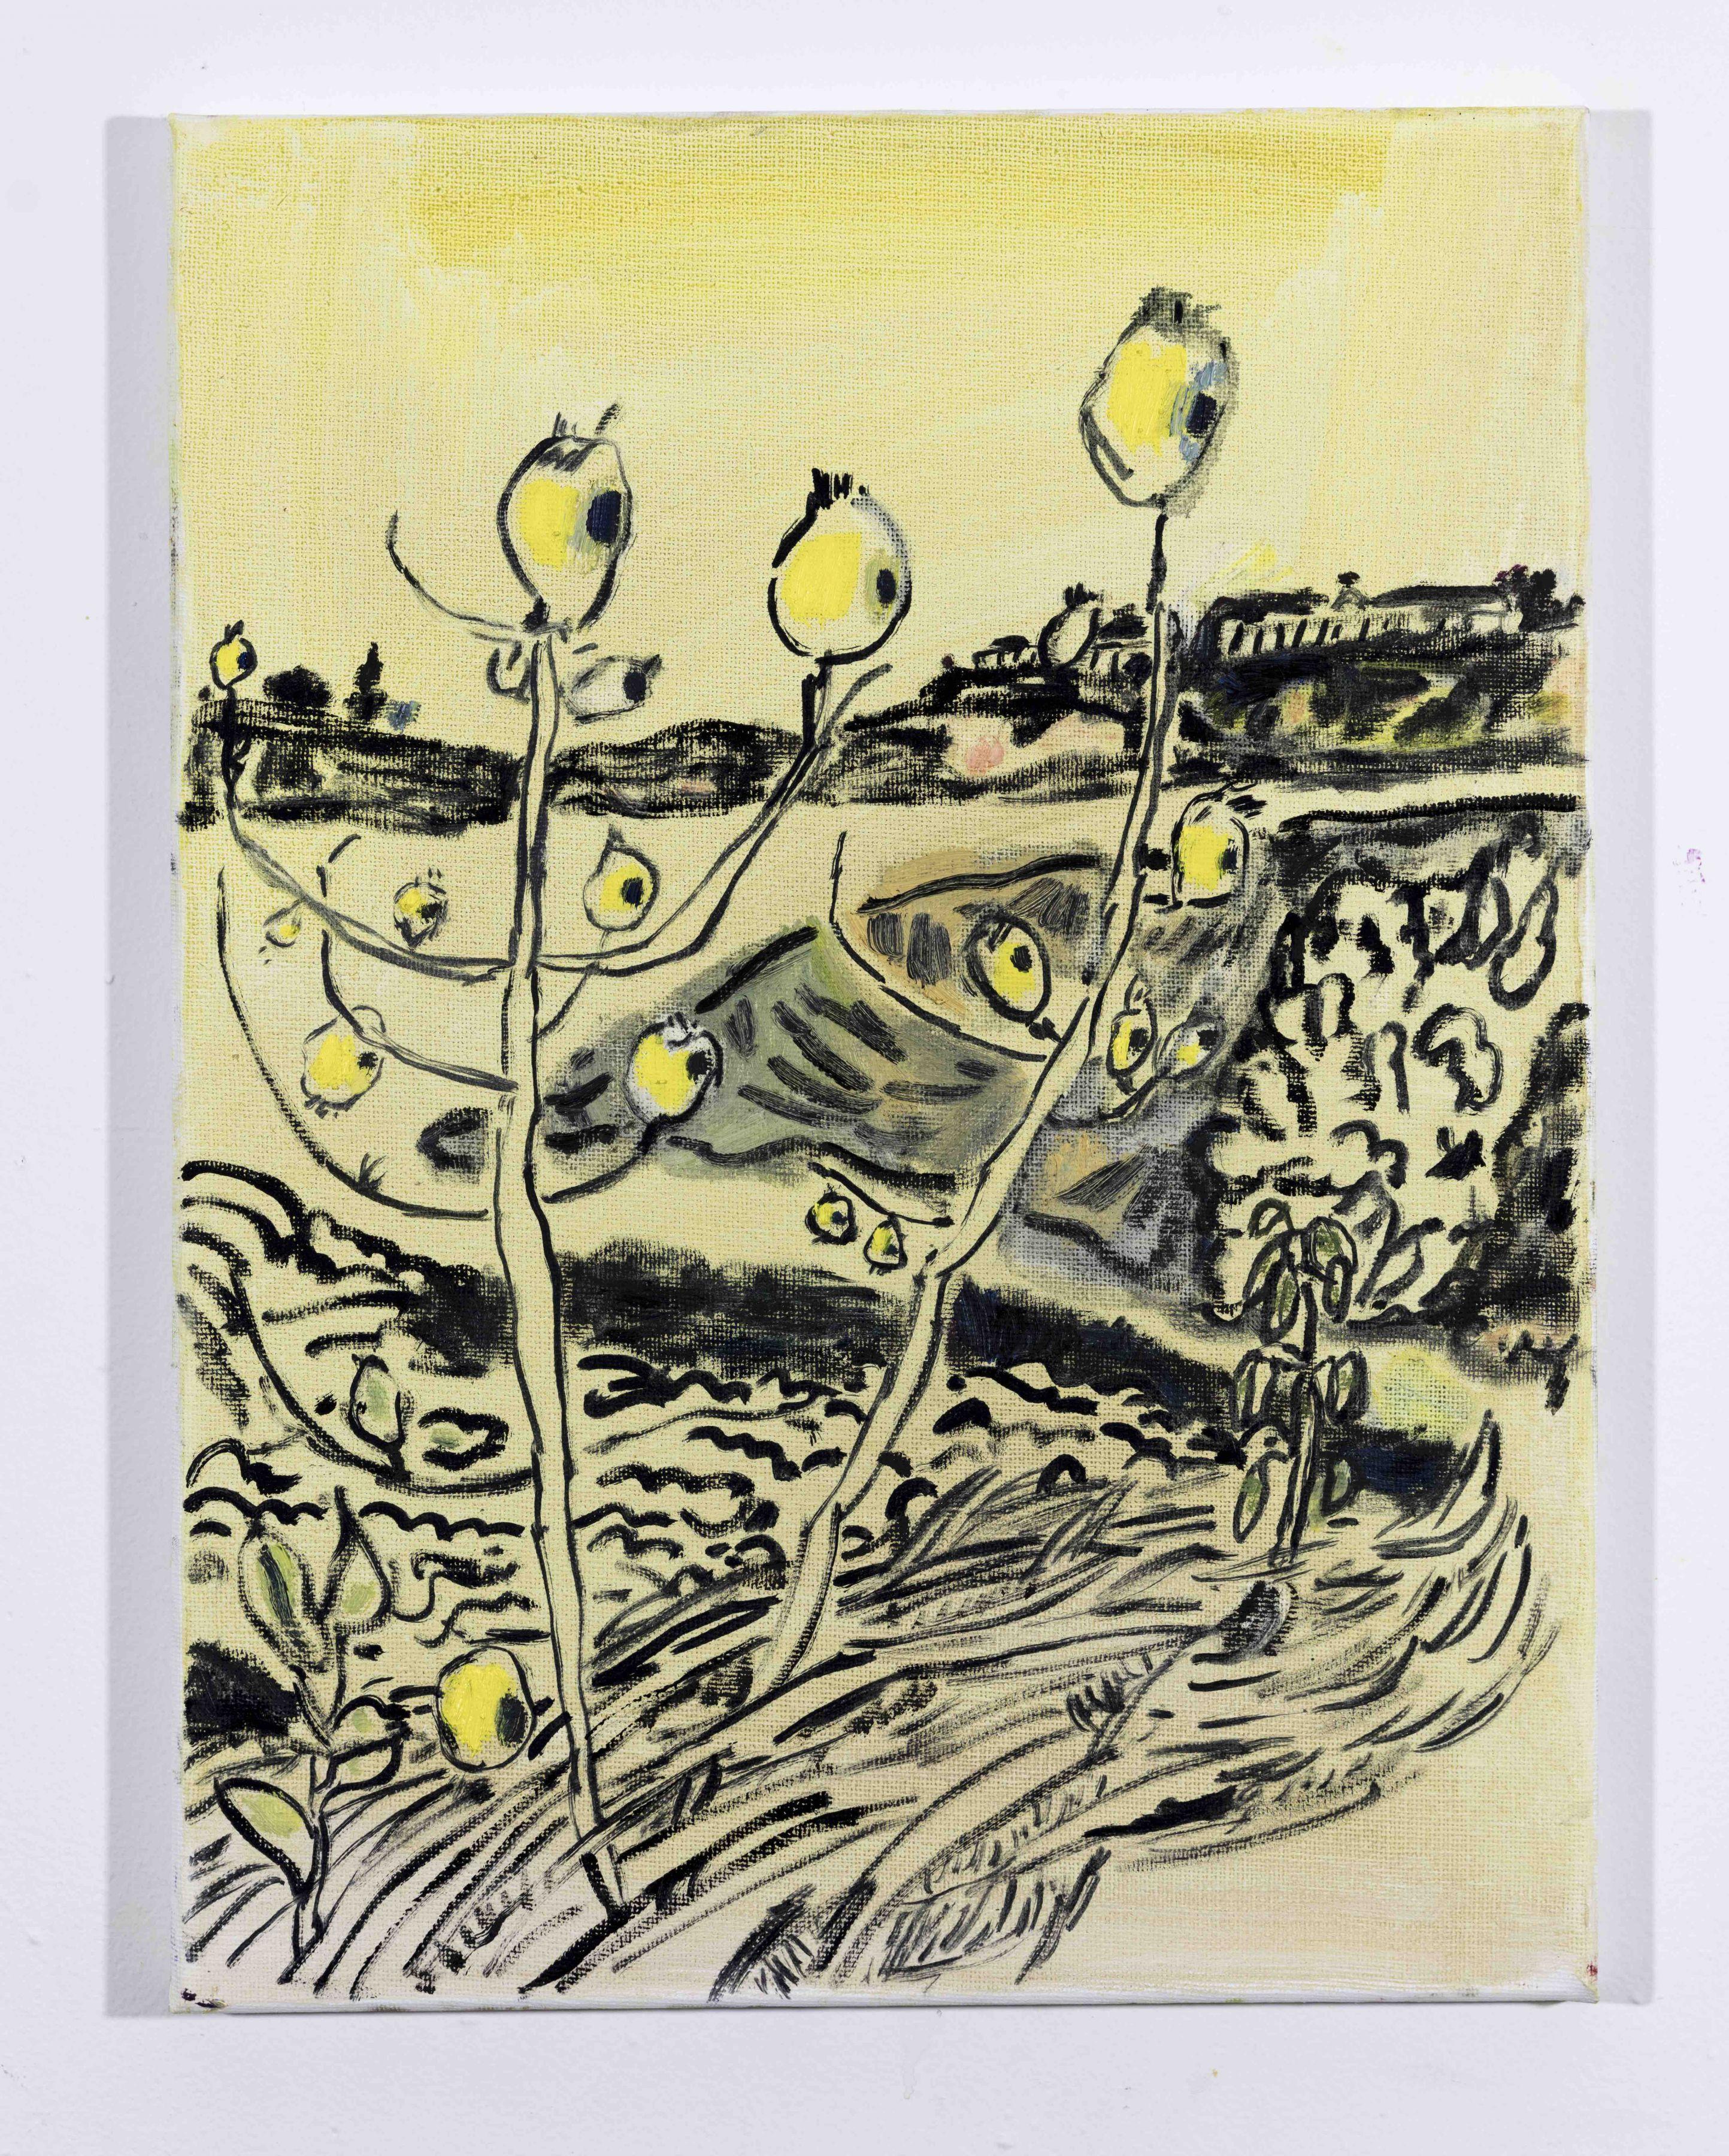 LISA SANDITZ, Landscape Color Study 20, 2019